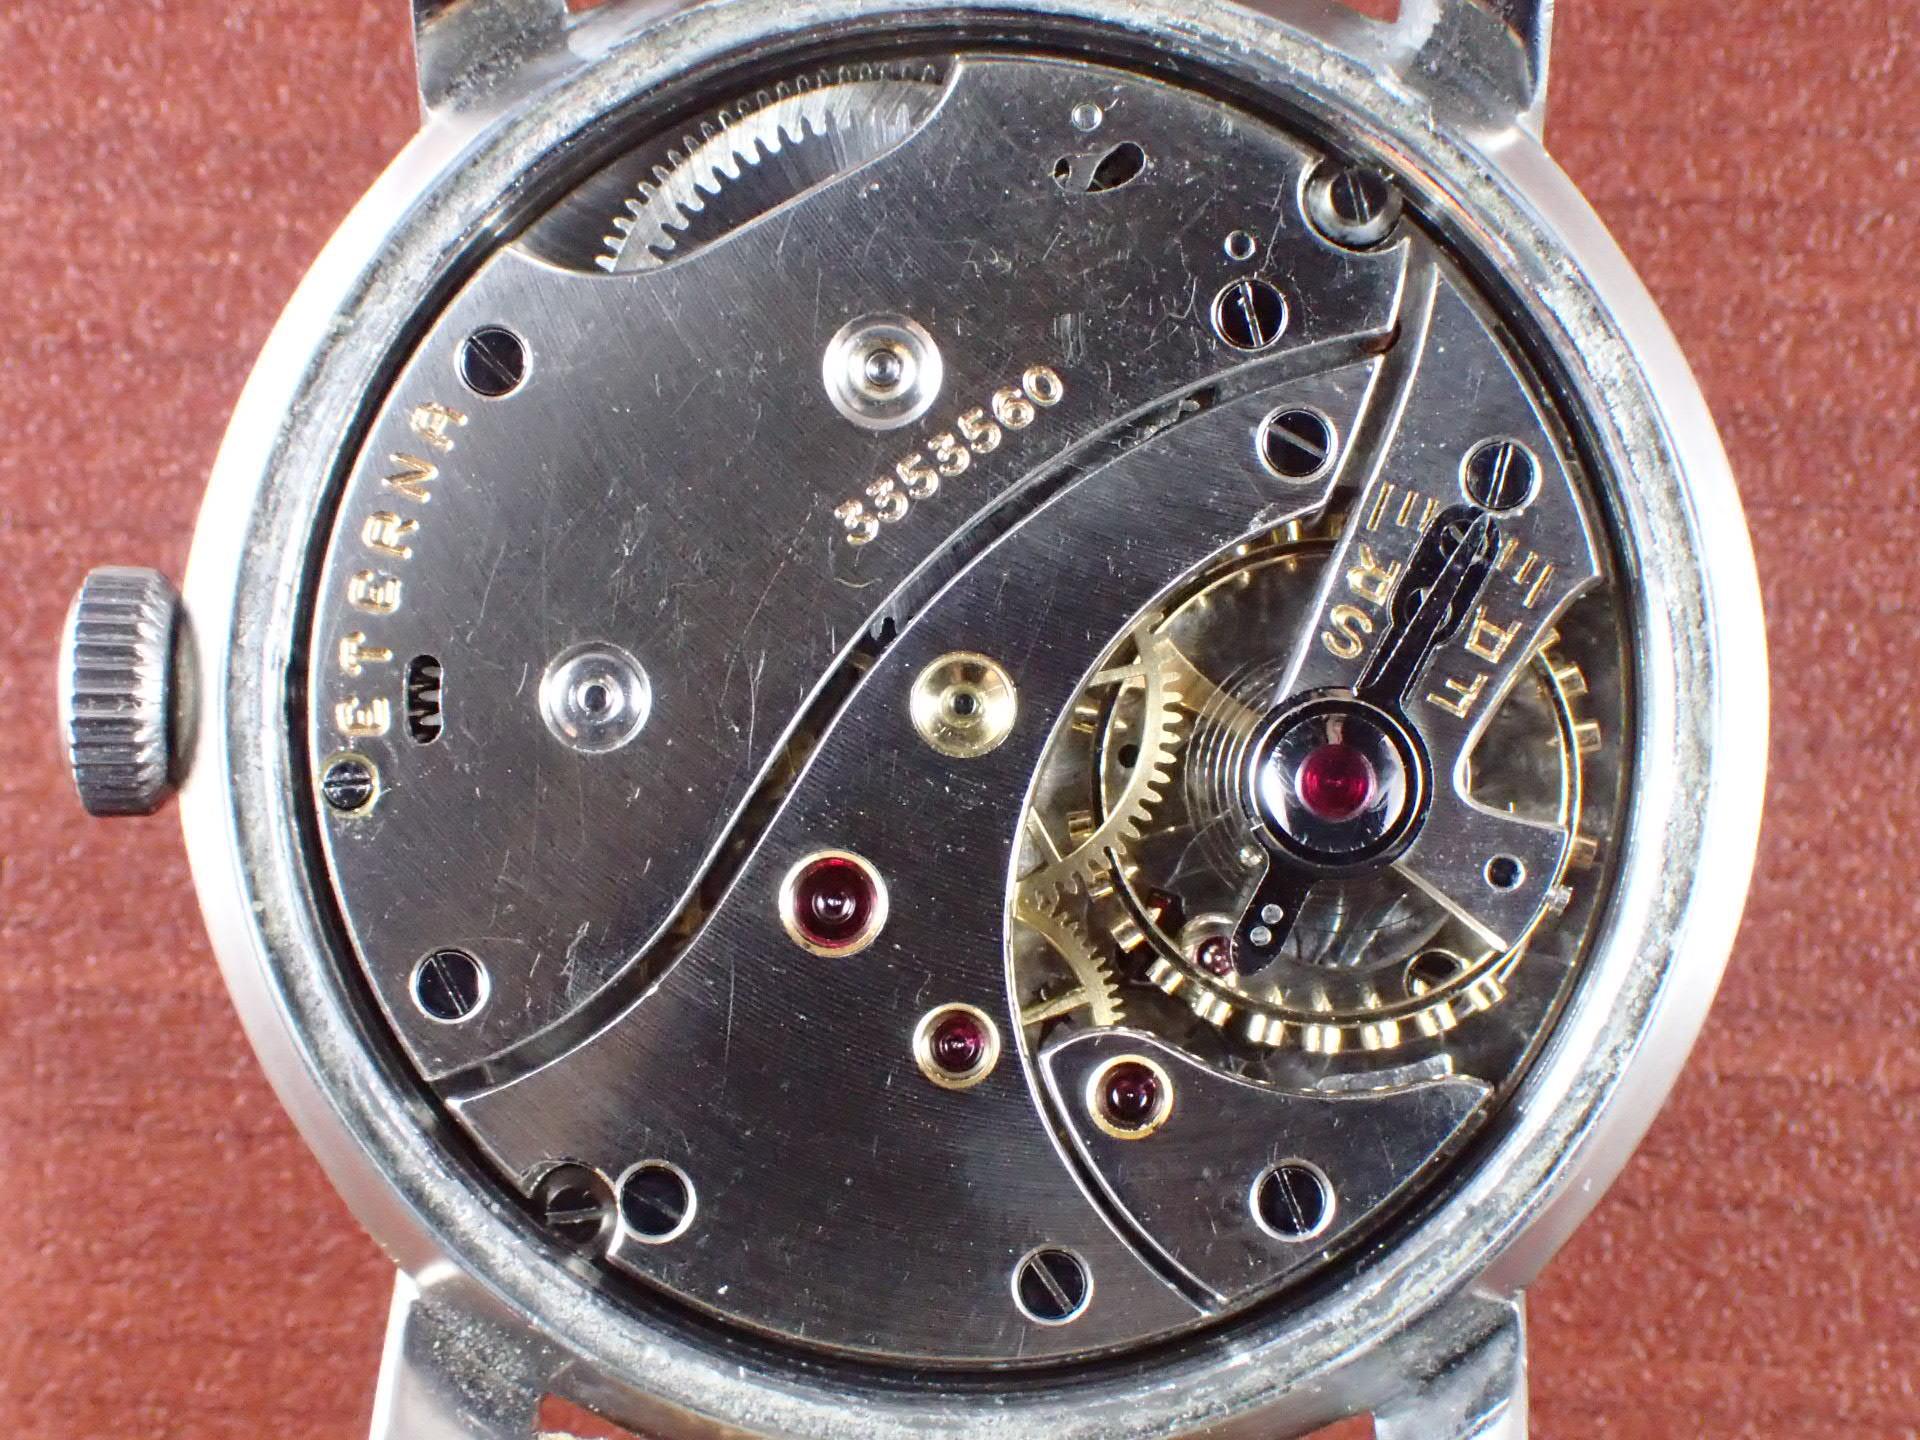 エテルナ キャリバー852L ラージケース 38mm 1940年代の写真5枚目